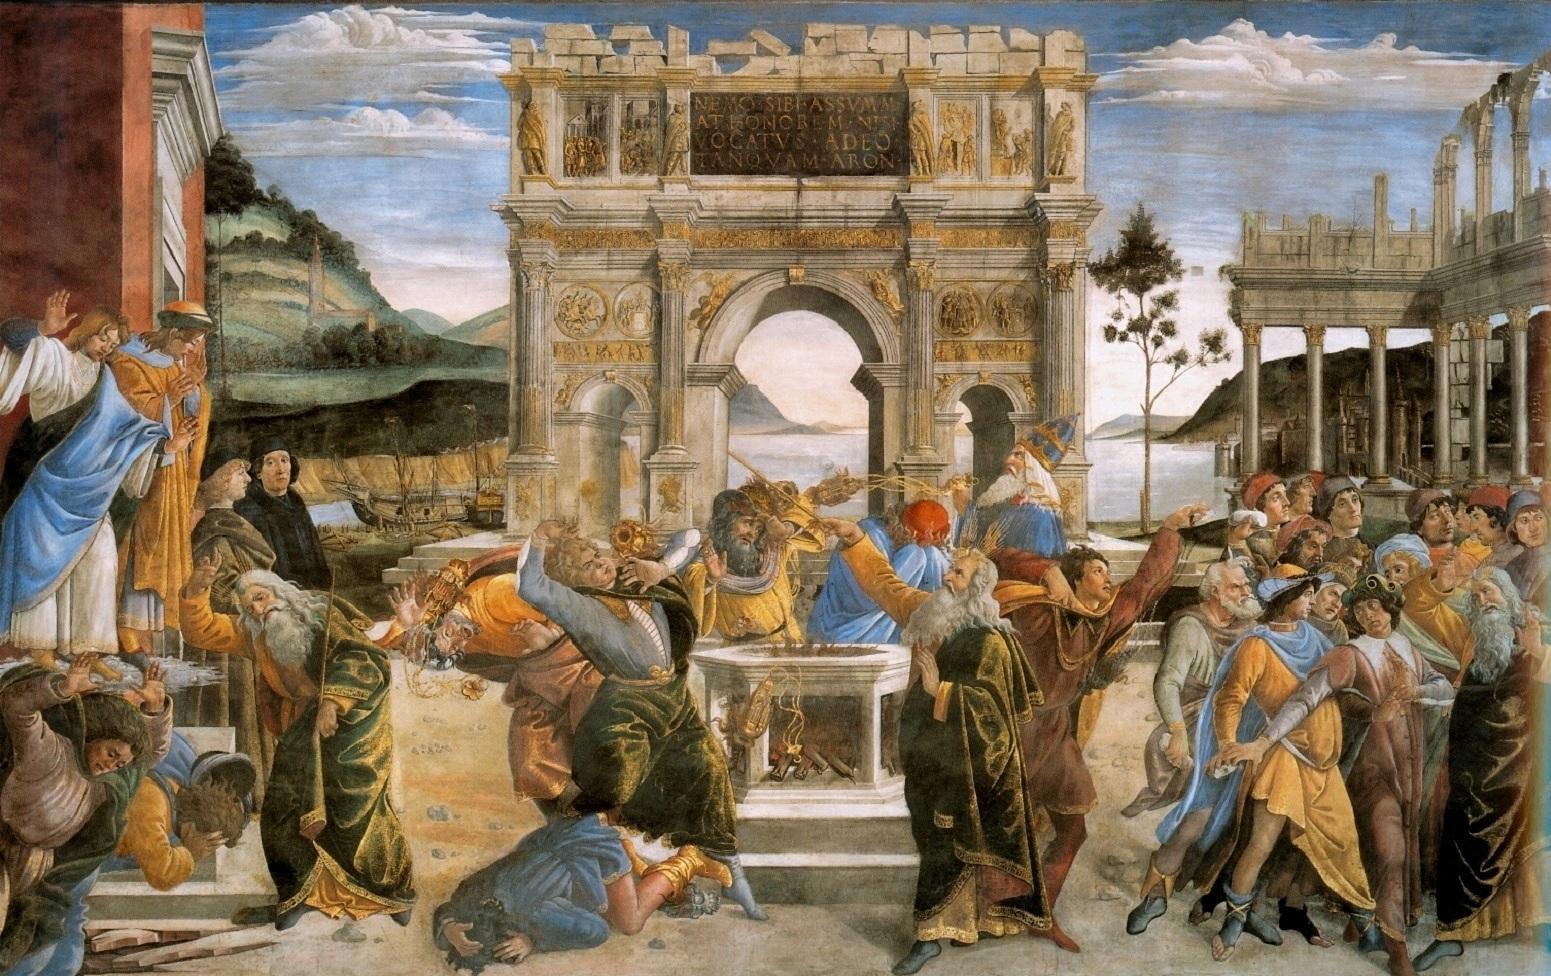 刑罚可拉,用石头打死摩西,亚伦_The Punishment of Korah and the Stoning of Moses and Aaron-桑德罗·波提切利